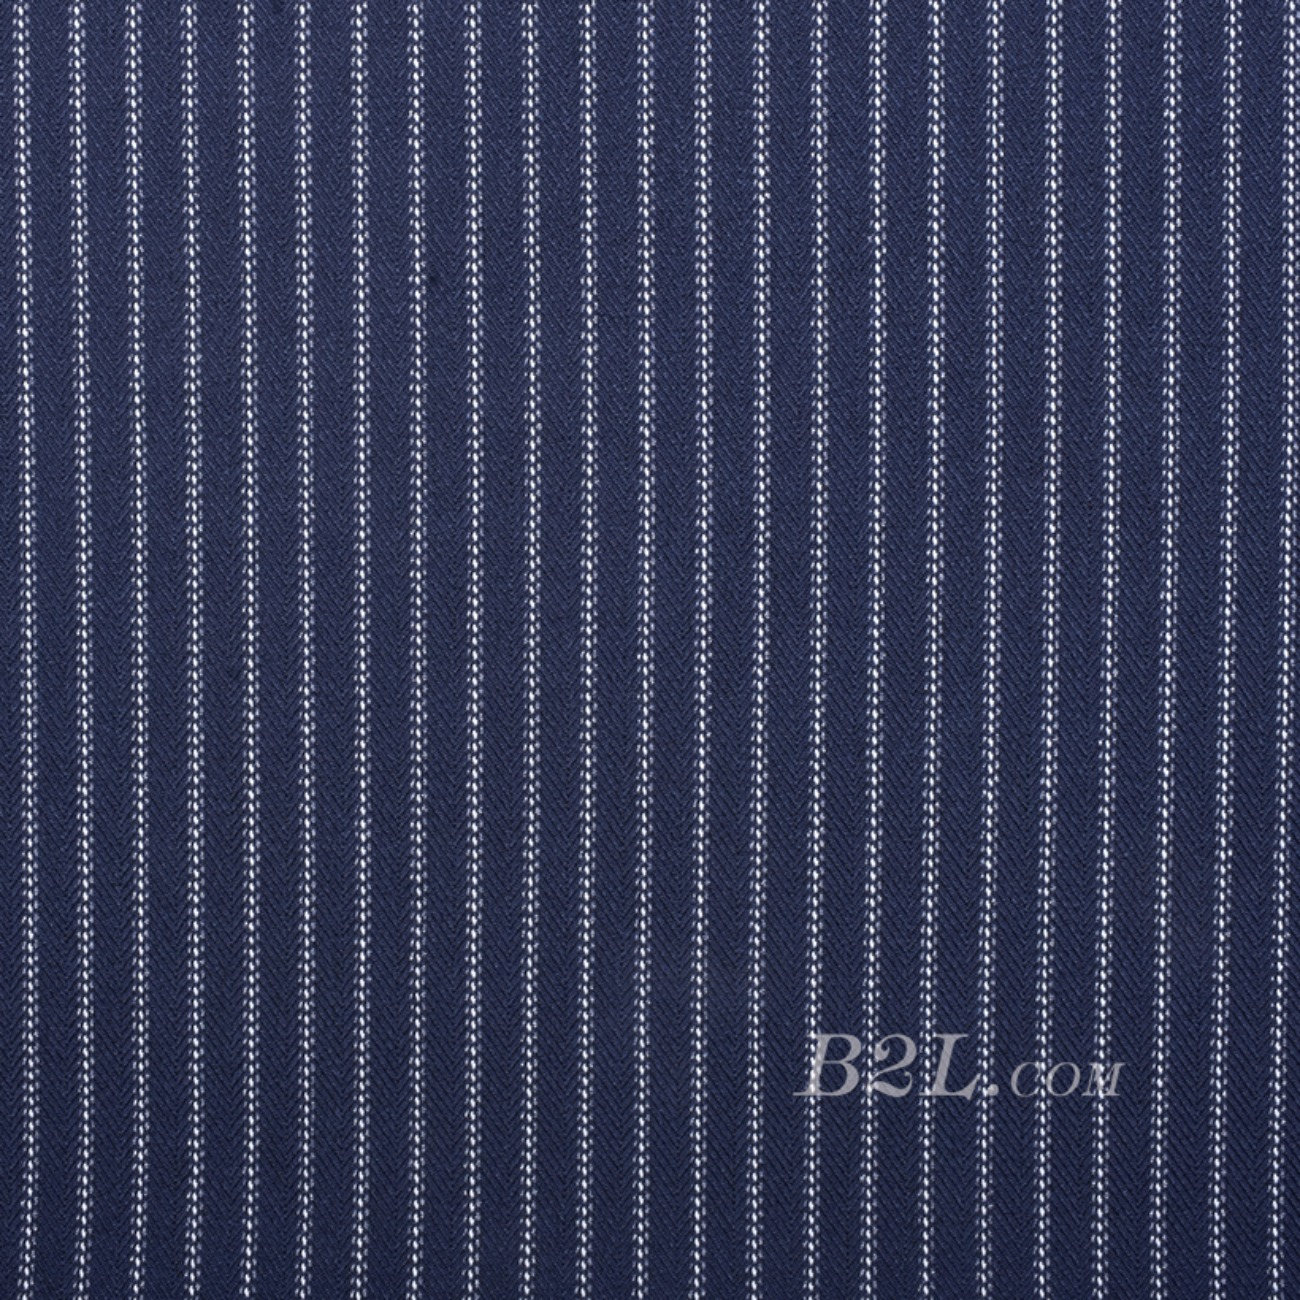 梭织染色条纹面料-春夏连衣裙休闲服外套面料91018-1